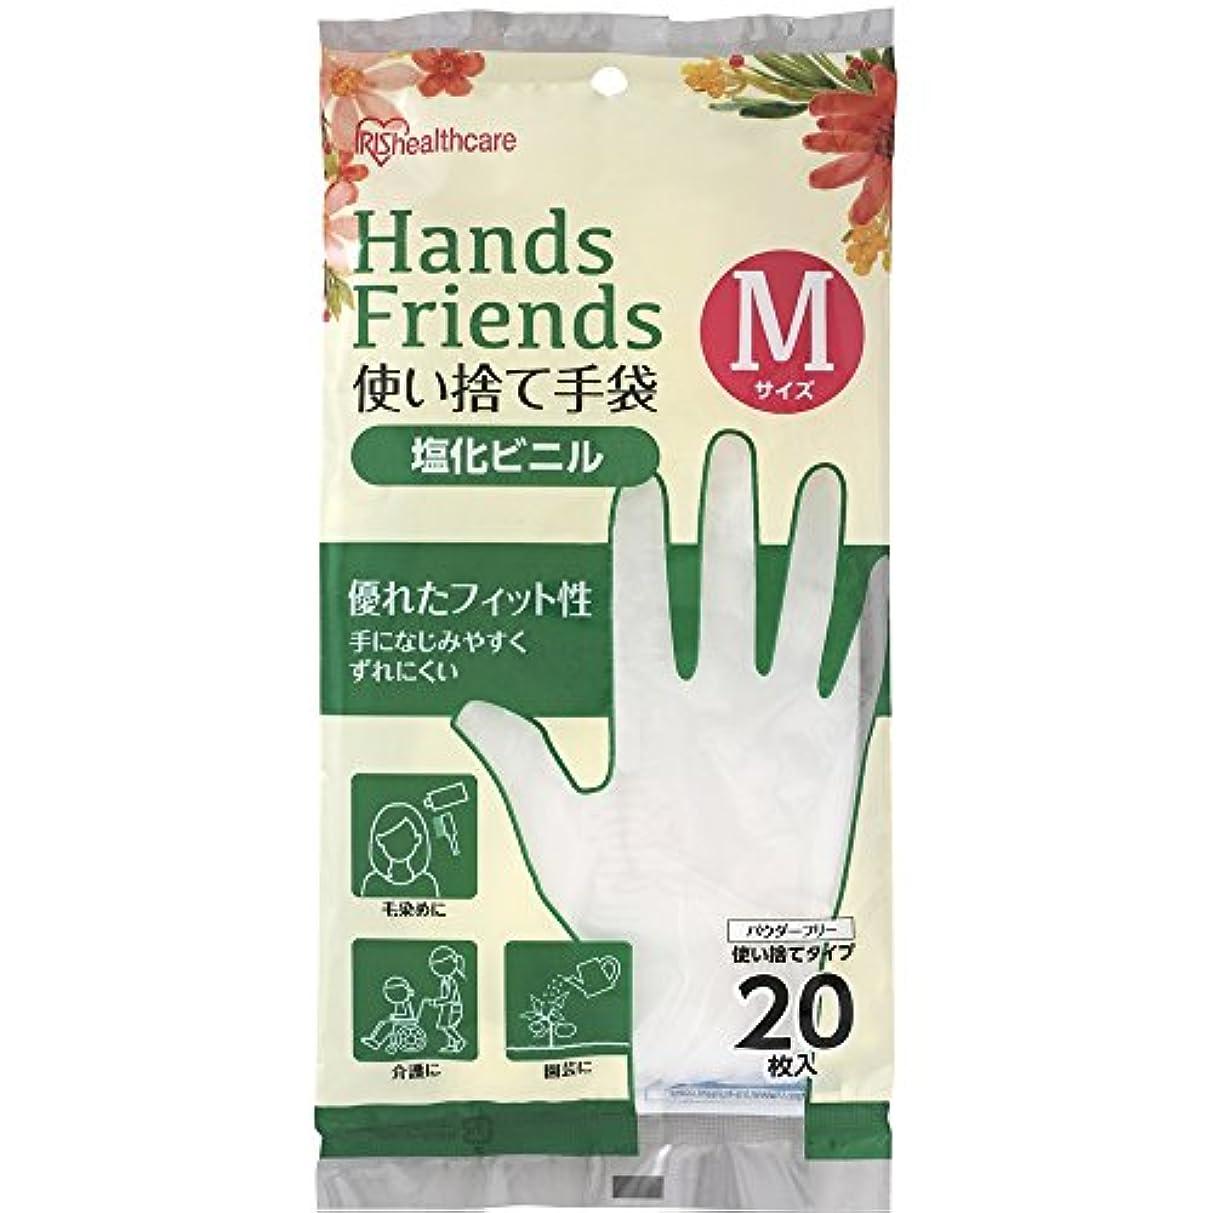 恩恵案件トランザクション使い捨て手袋 クリア 塩化ビニル 20枚 Mサイズ PVC-20M